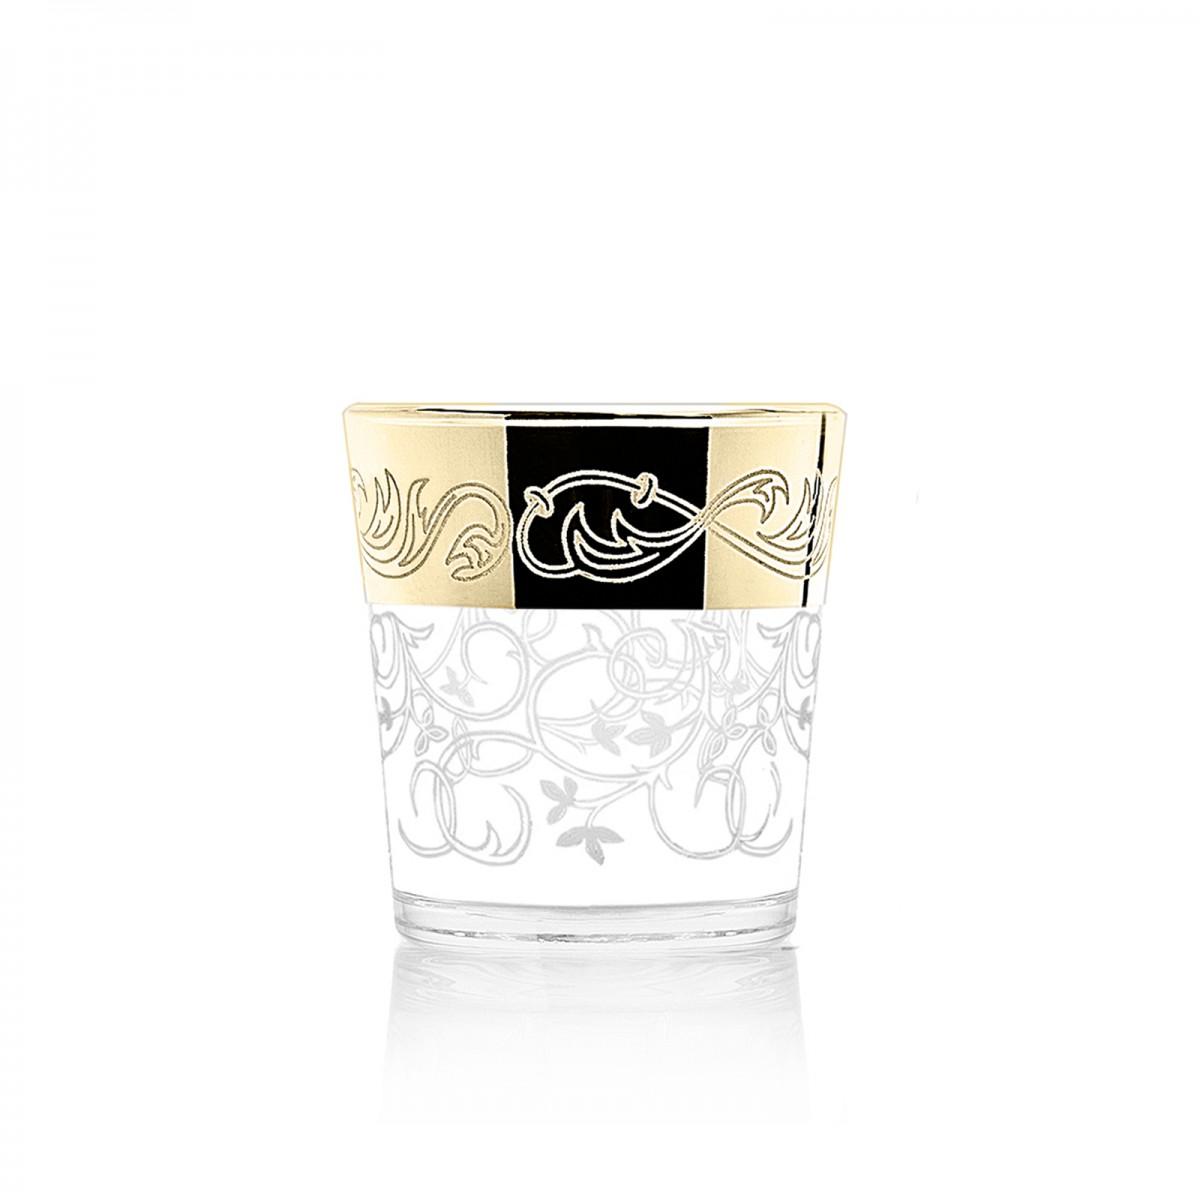 GN2_40_3 Набор из 6 стаканов «Вдохновение», 250 мл